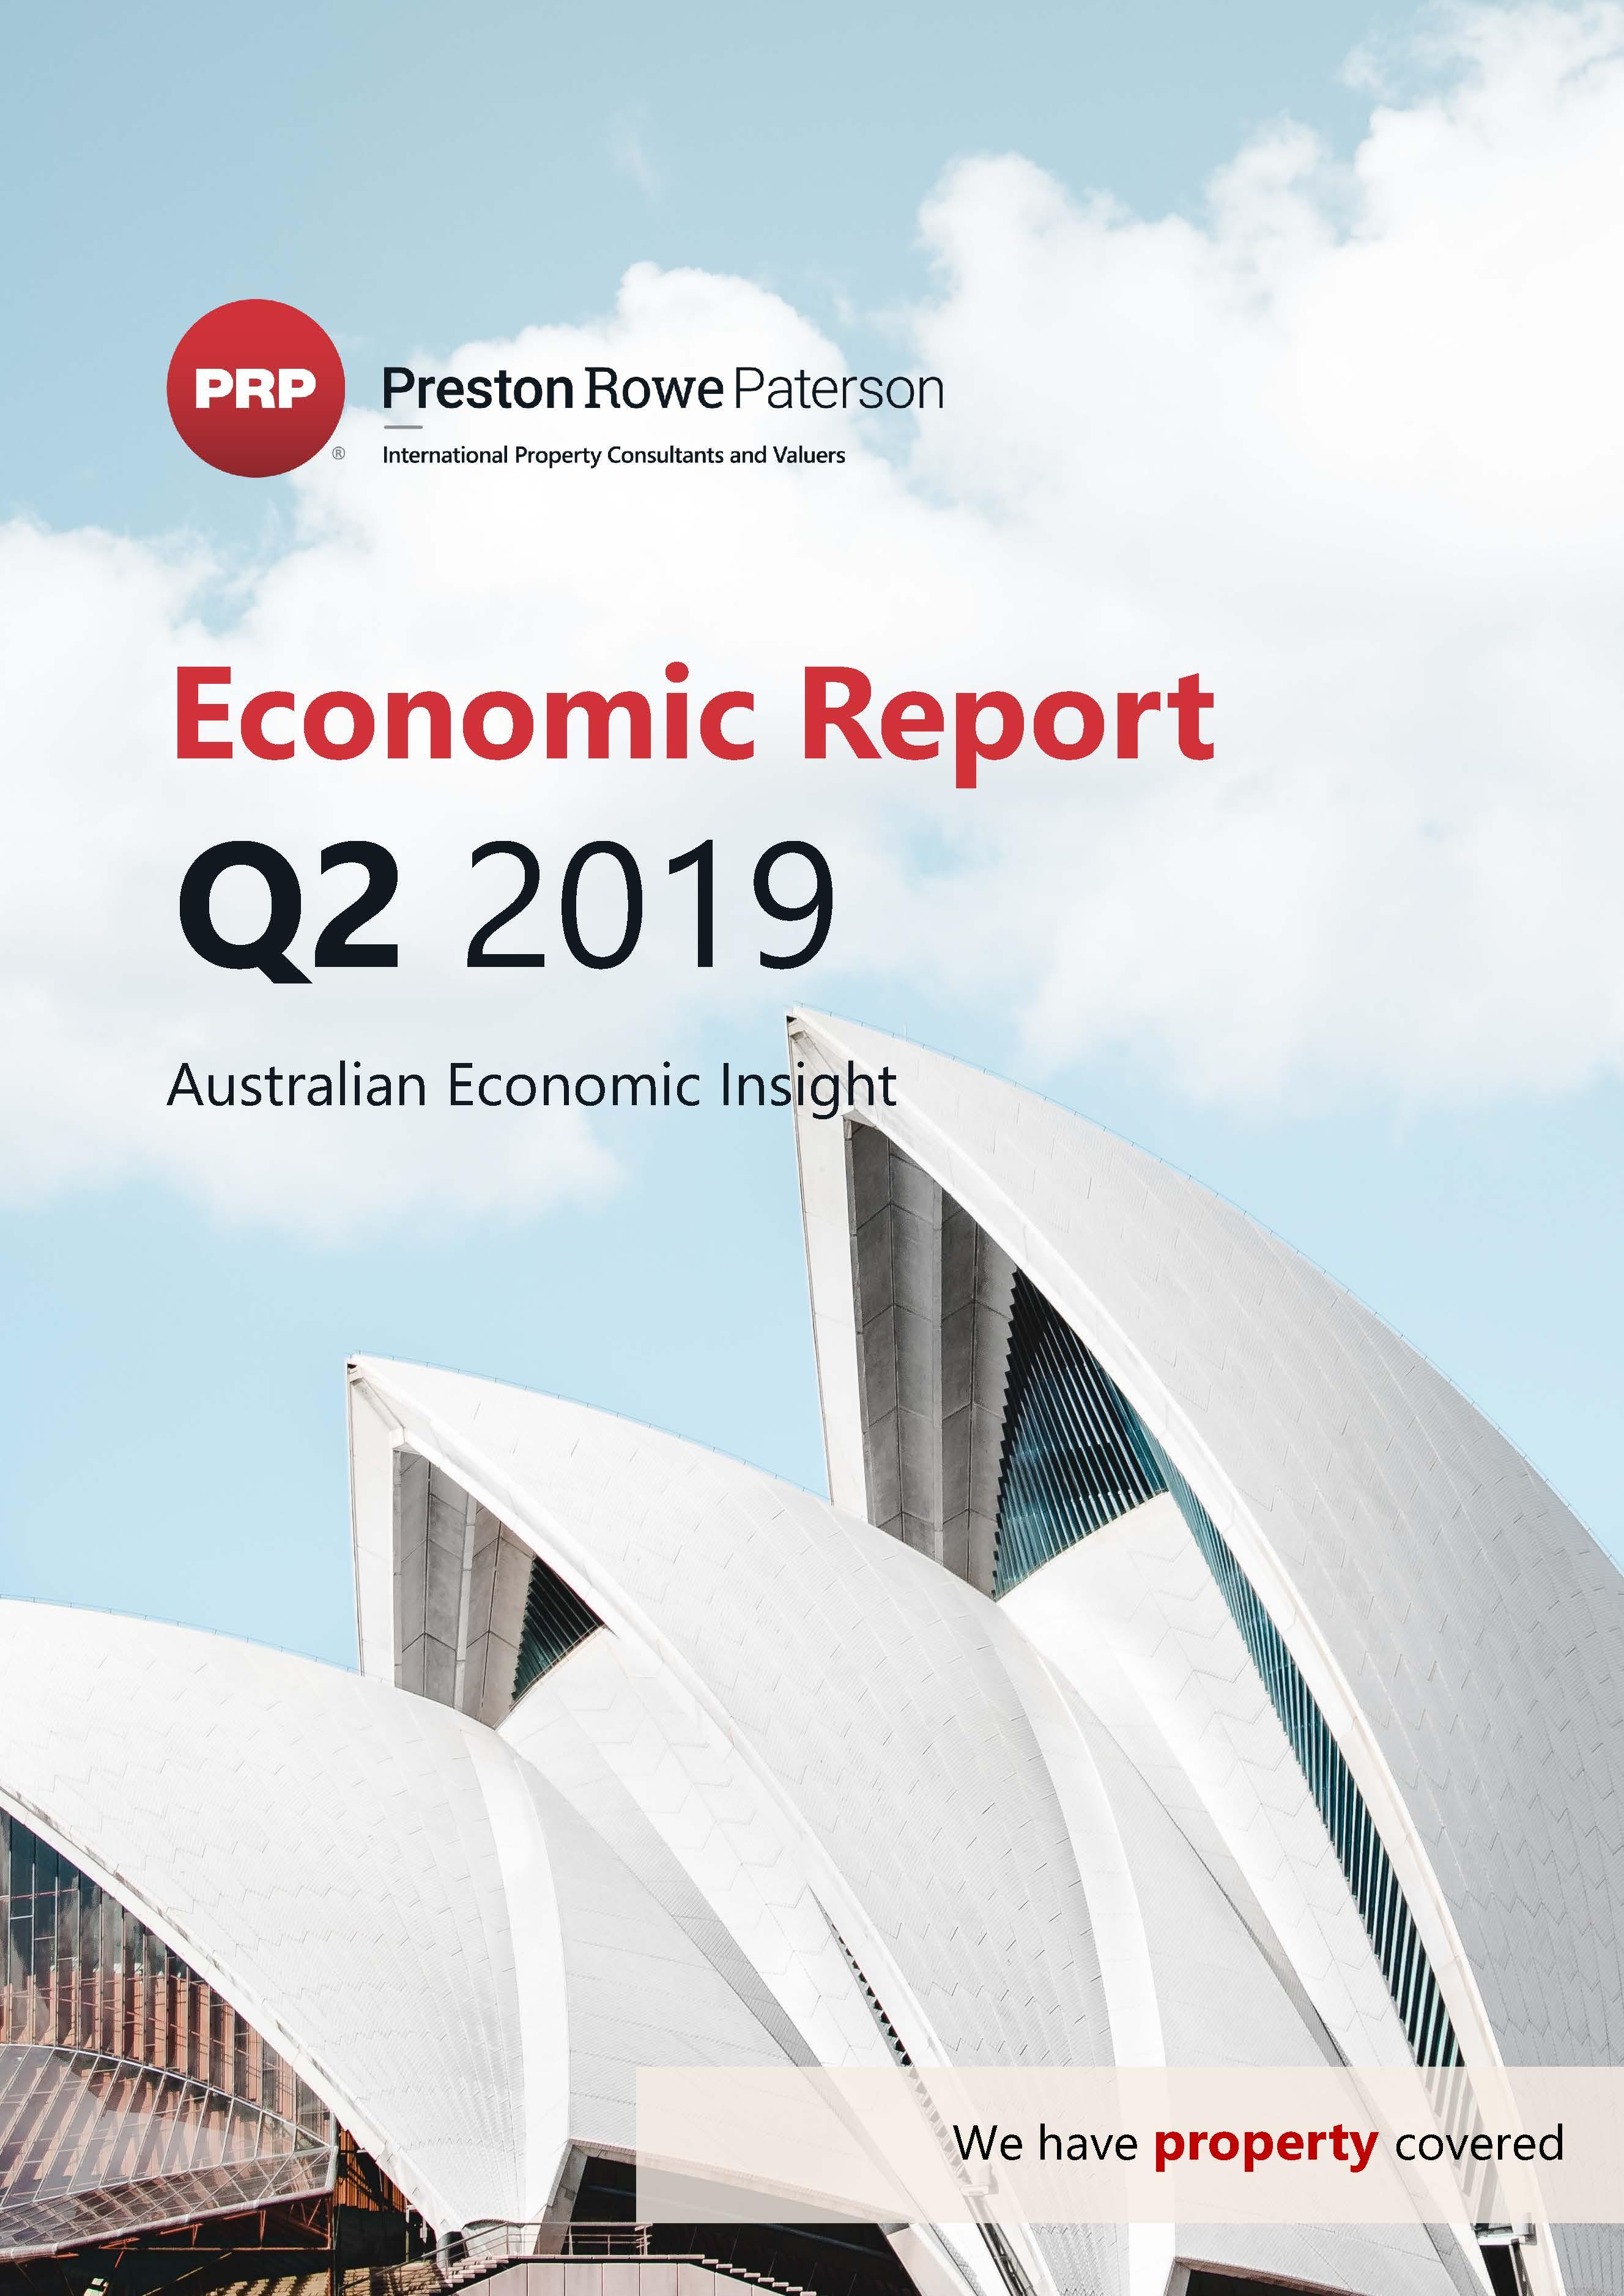 Economic Report - Q2 2019 - Australia